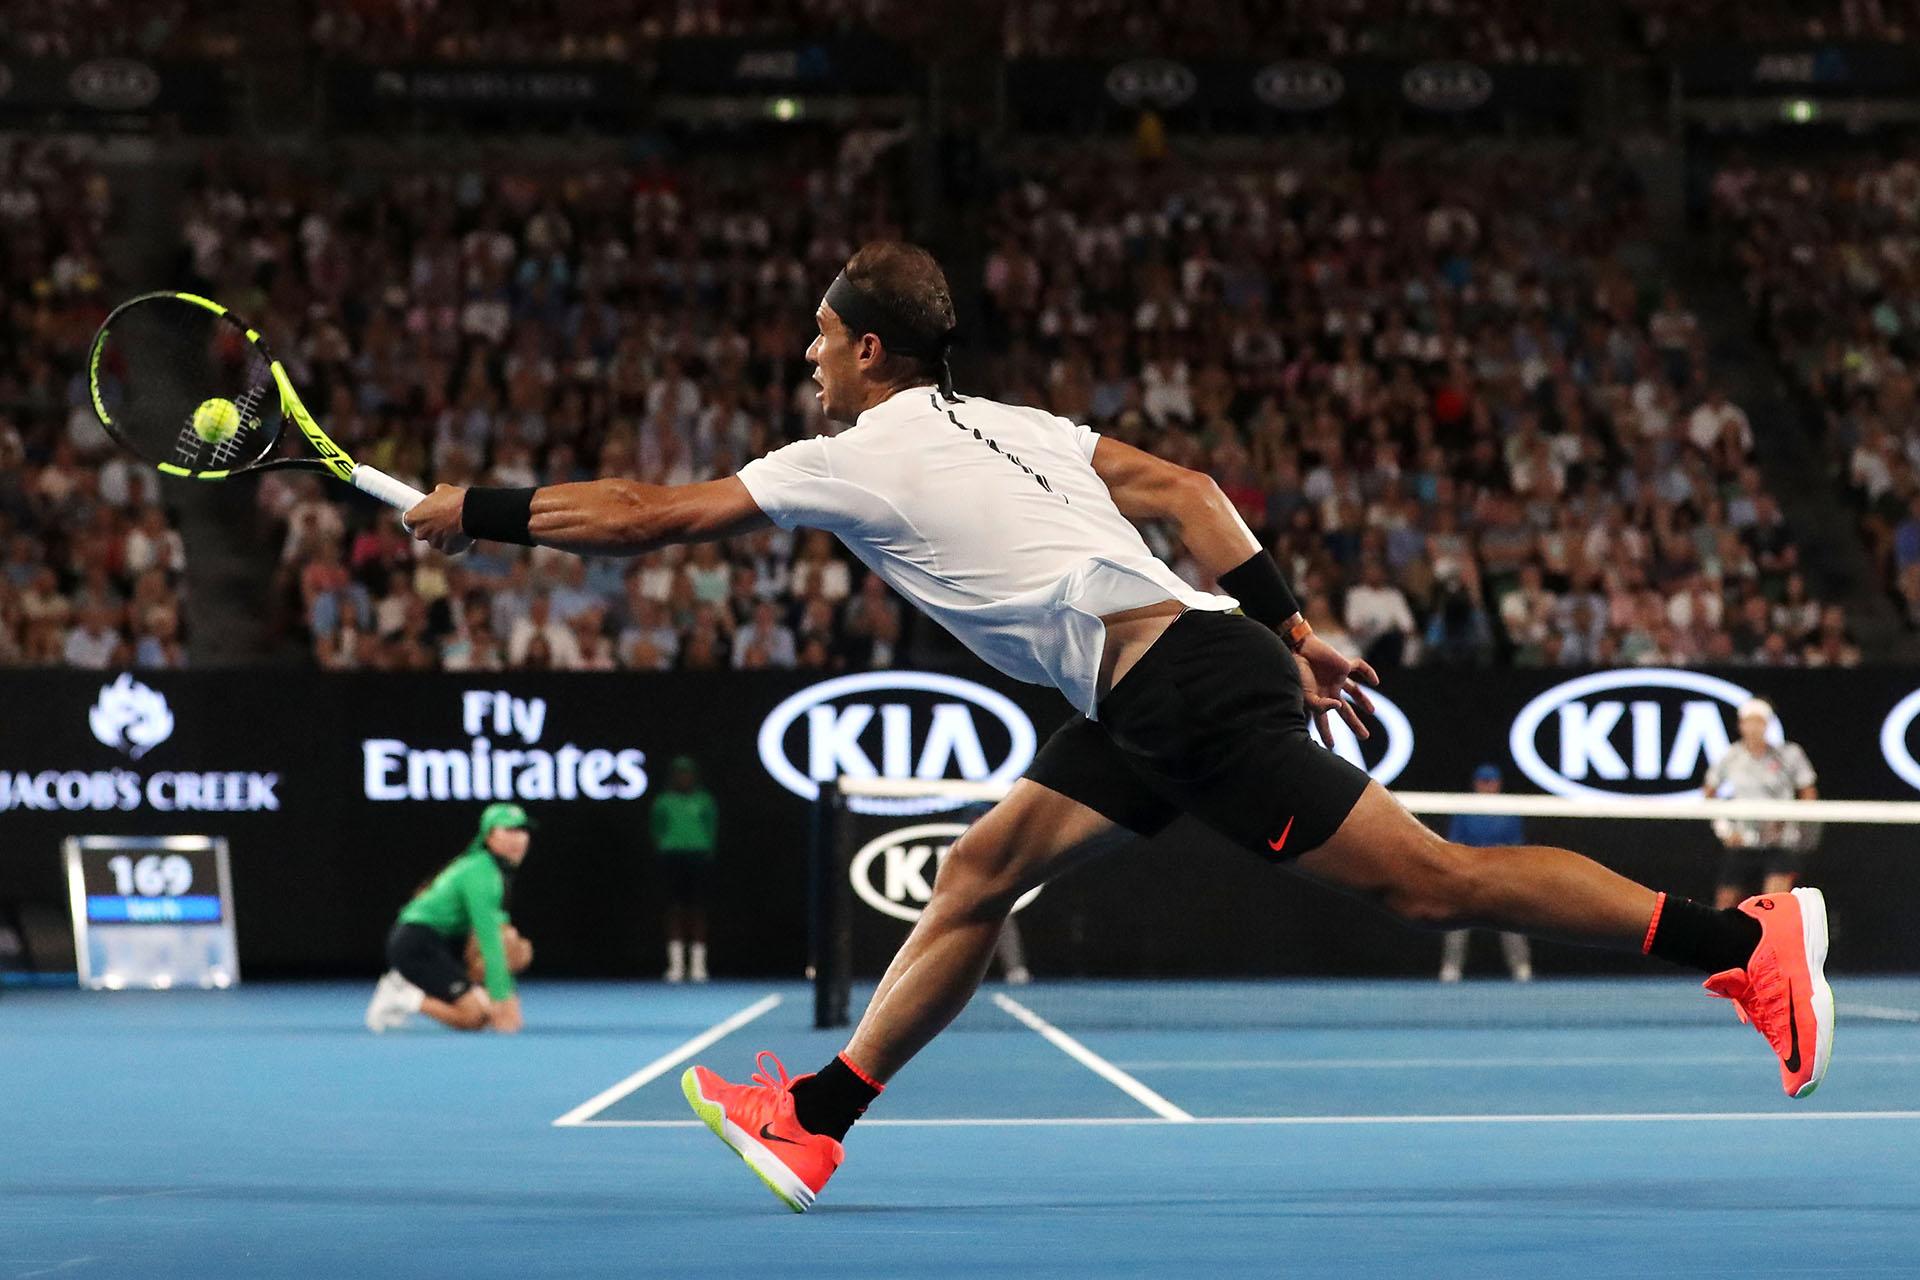 Rafael Nadal no pudo conseguir el título pero le planteó un gran duelo al campeón